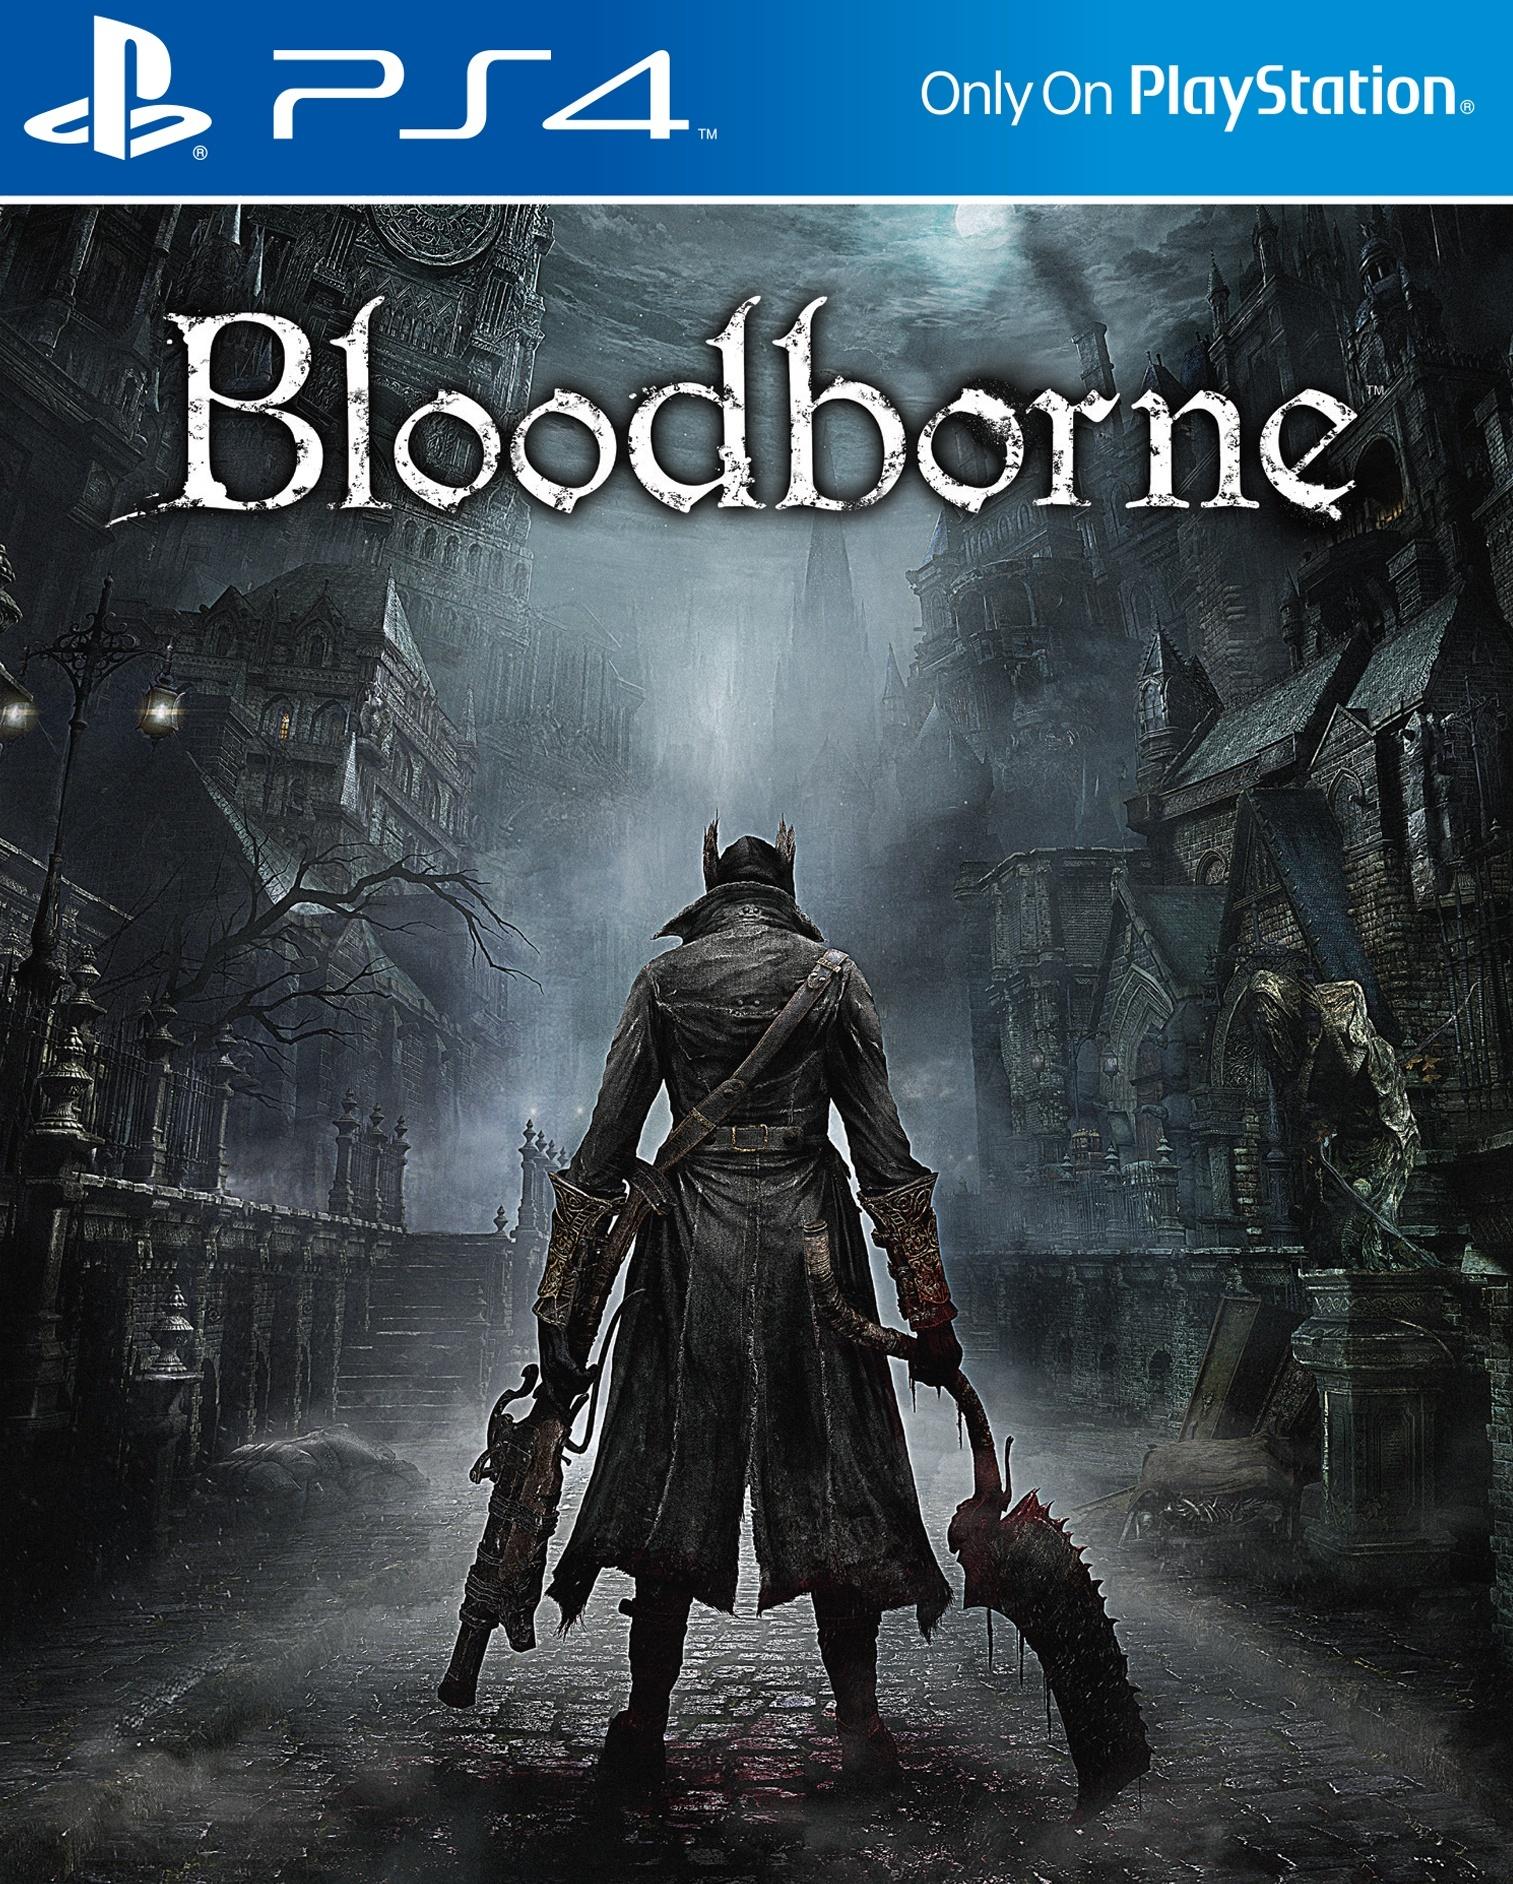 bloodborne-ps4_7ws6